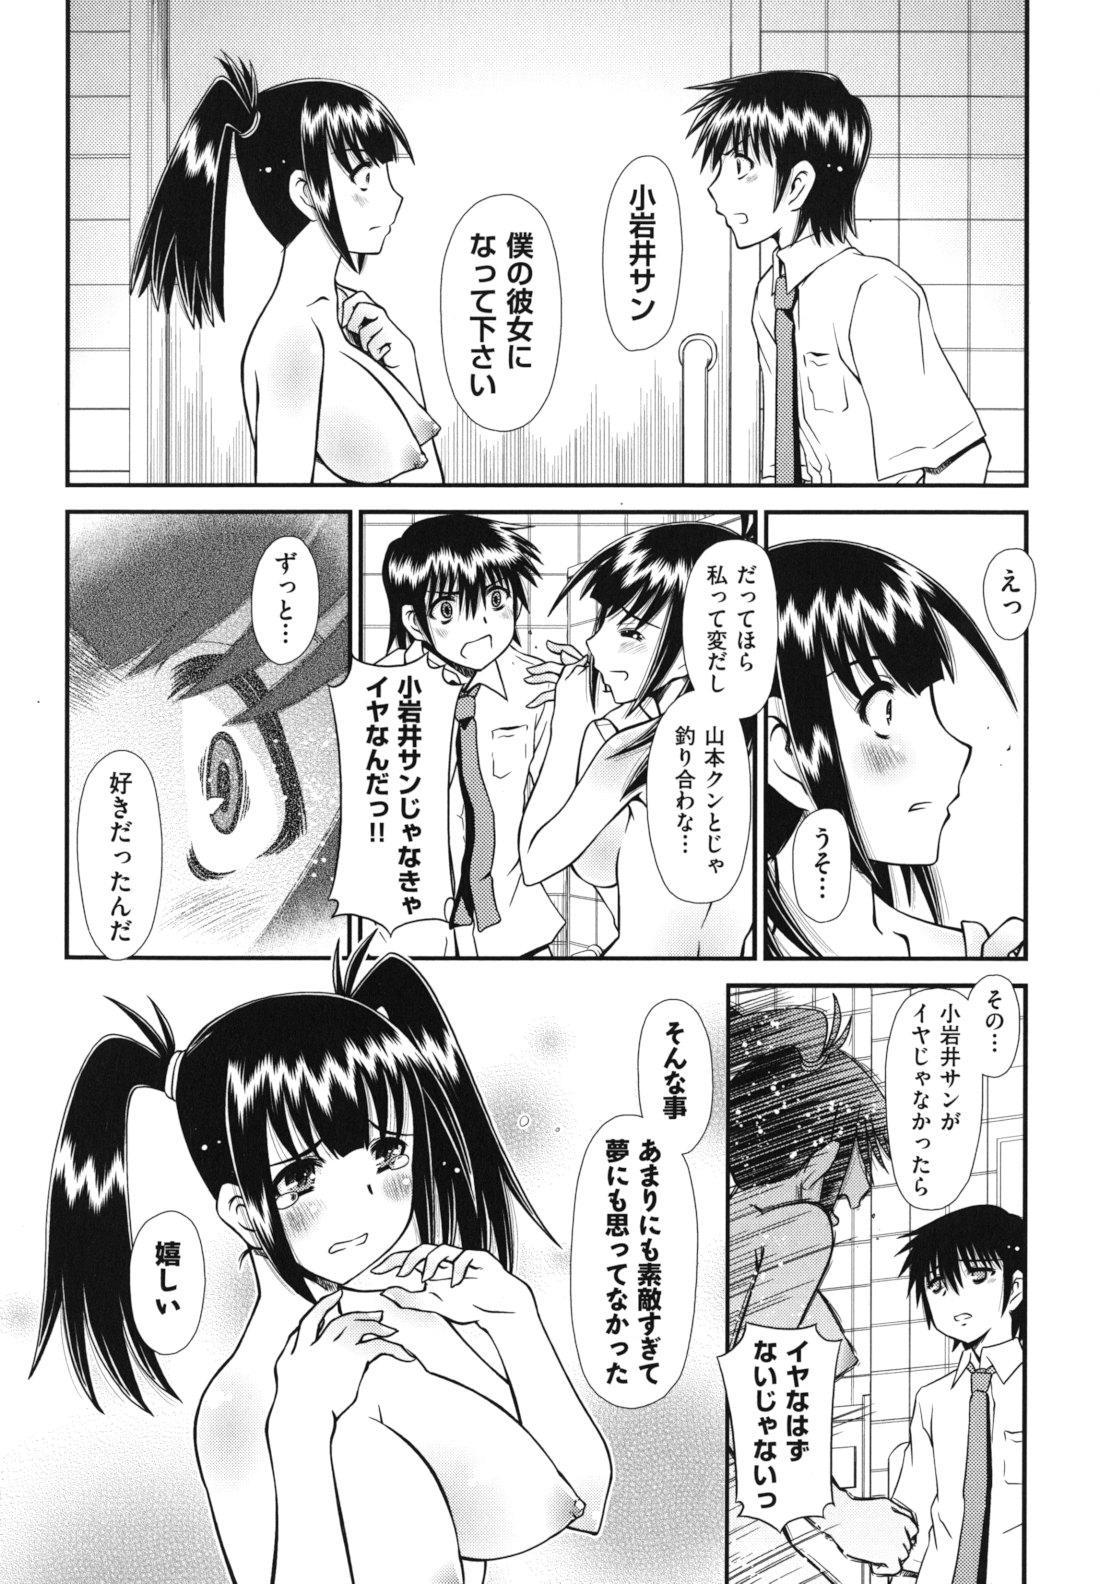 Twintail de Kneesocks no Onnanoko tachi ga Kyakkya de Ufufu♥ 186